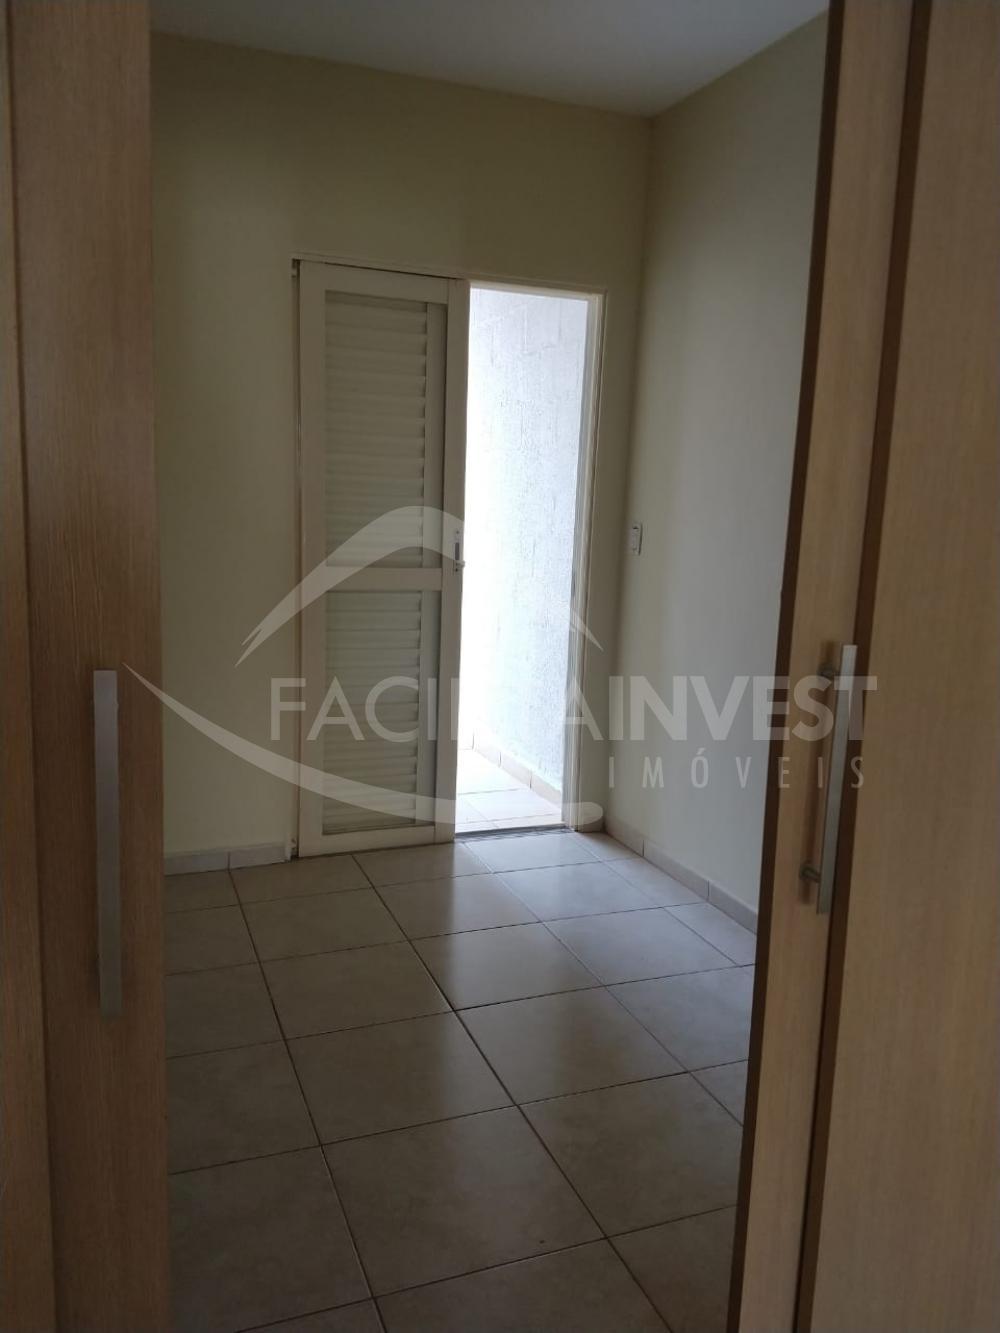 Comprar Casa Condomínio / Casa Condomínio em Ribeirão Preto apenas R$ 460.000,00 - Foto 15